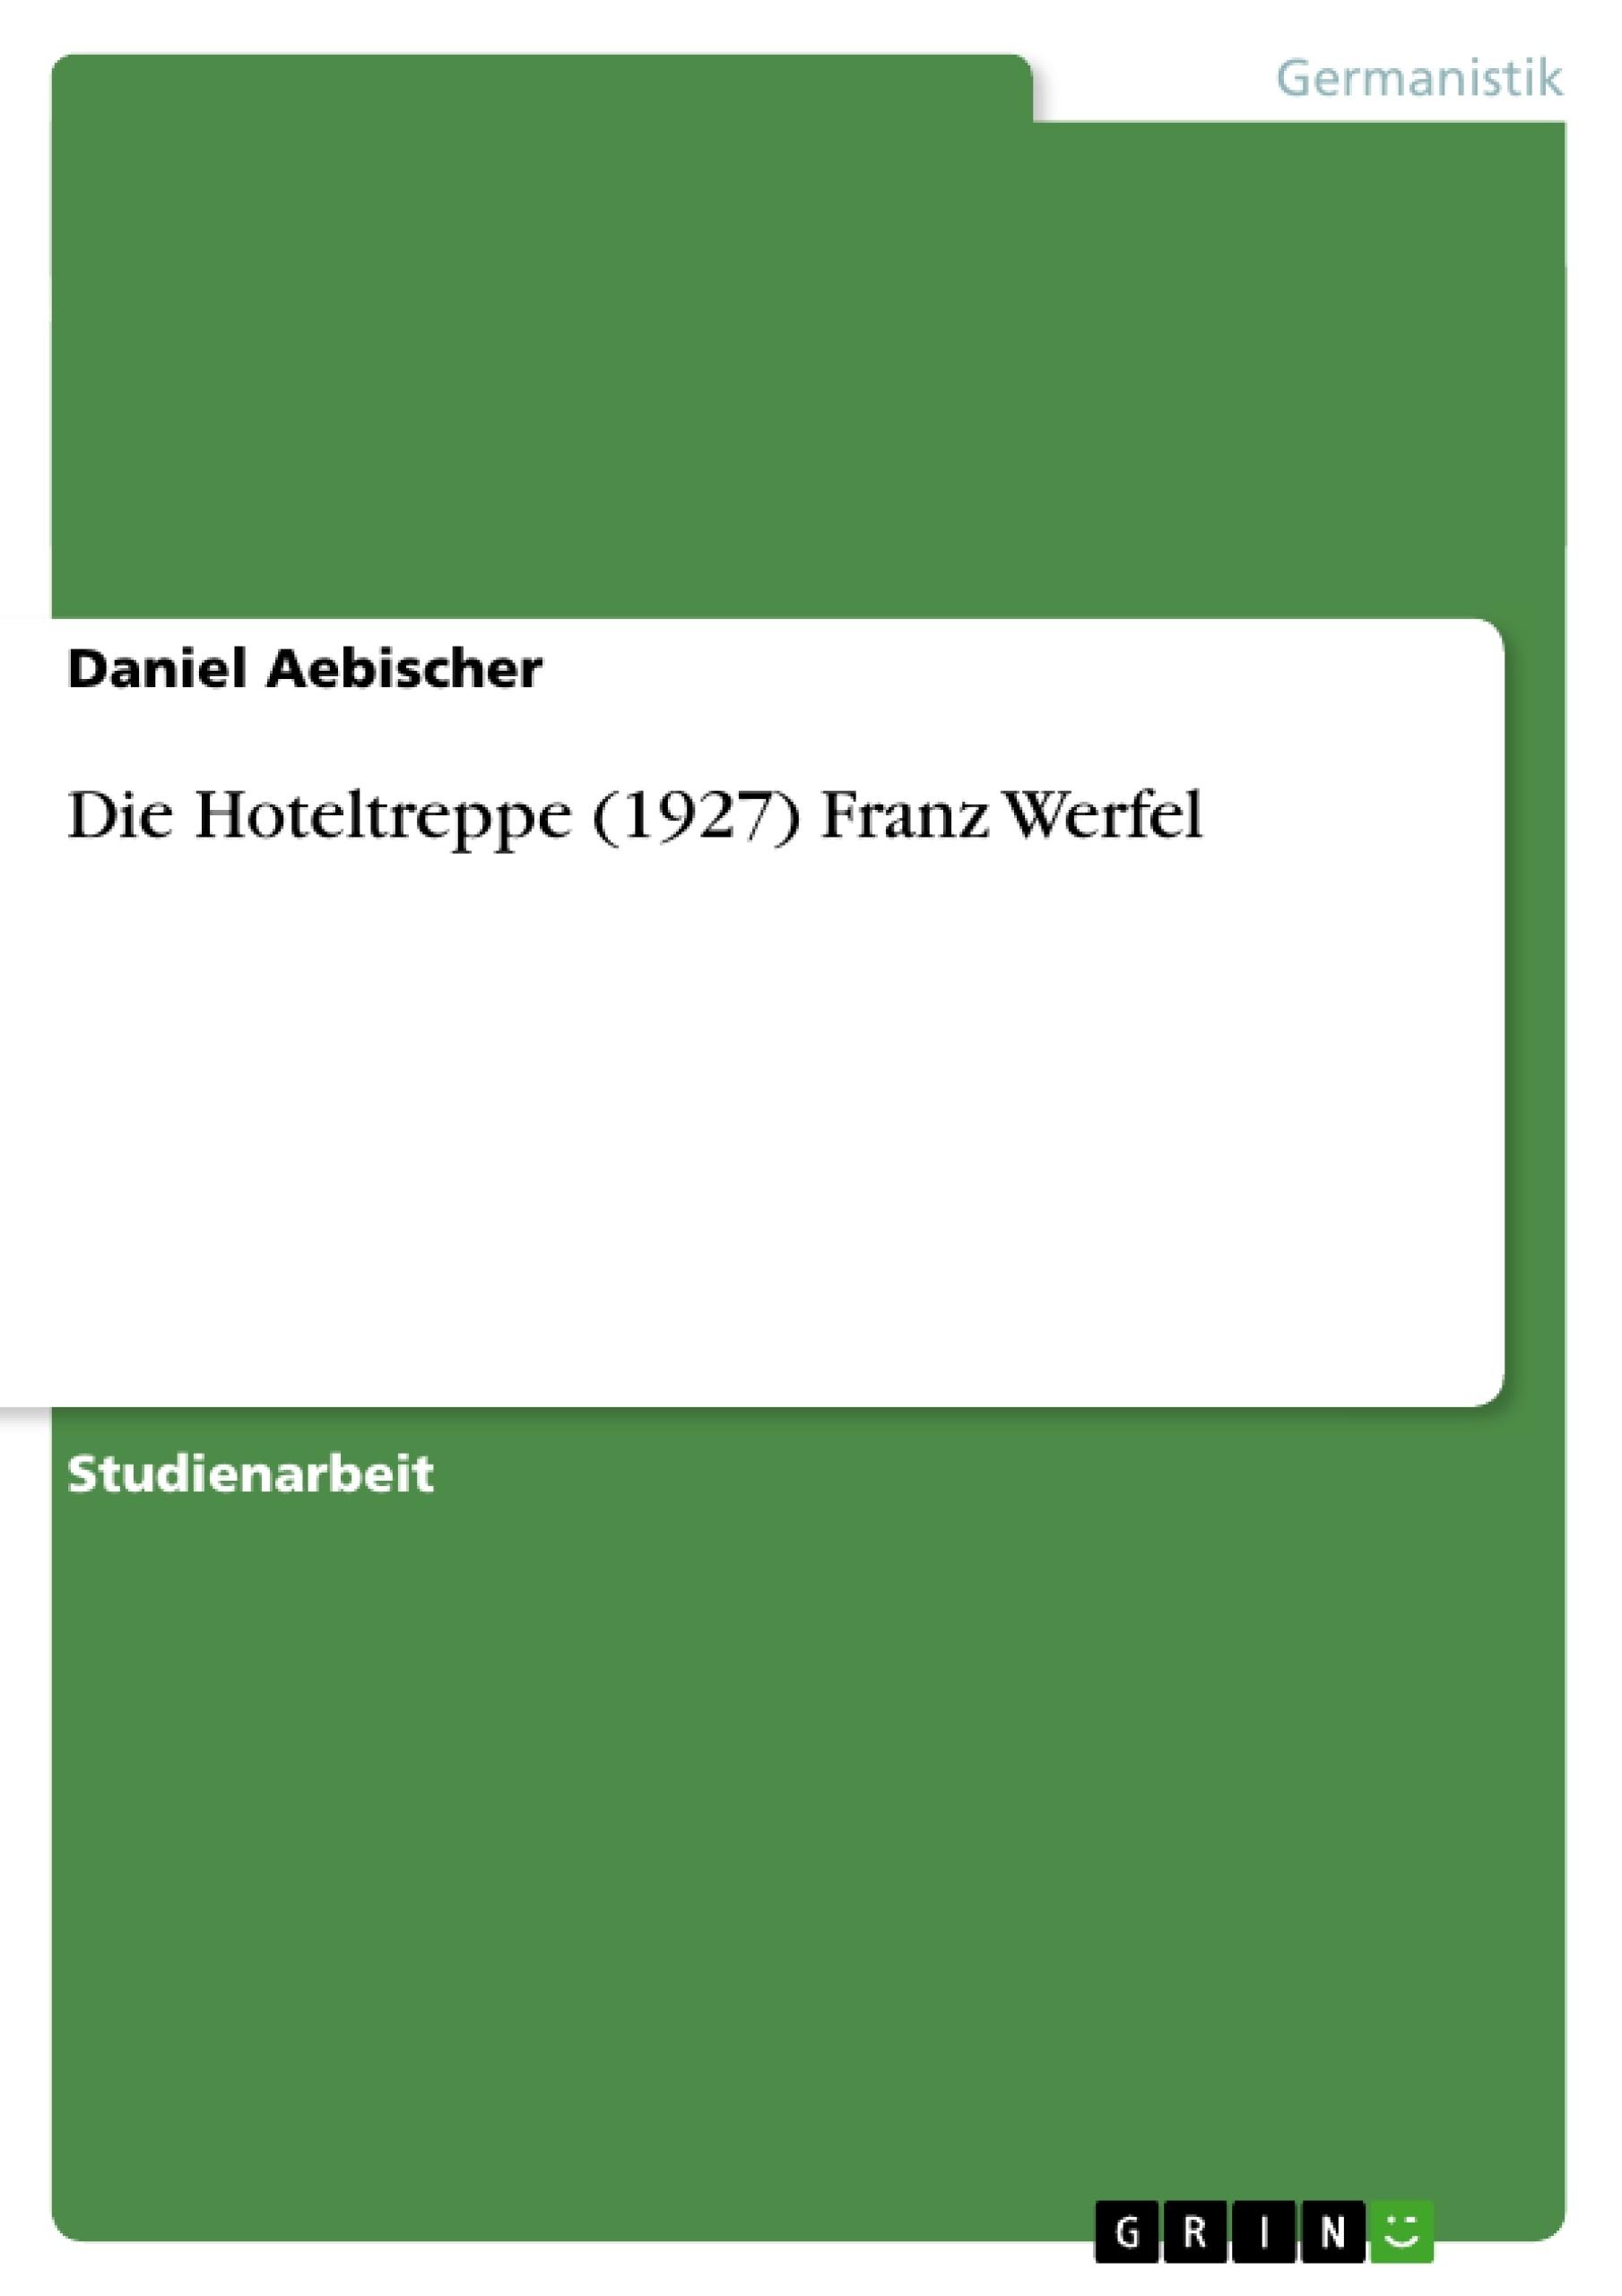 Titel: Die Hoteltreppe (1927) Franz Werfel